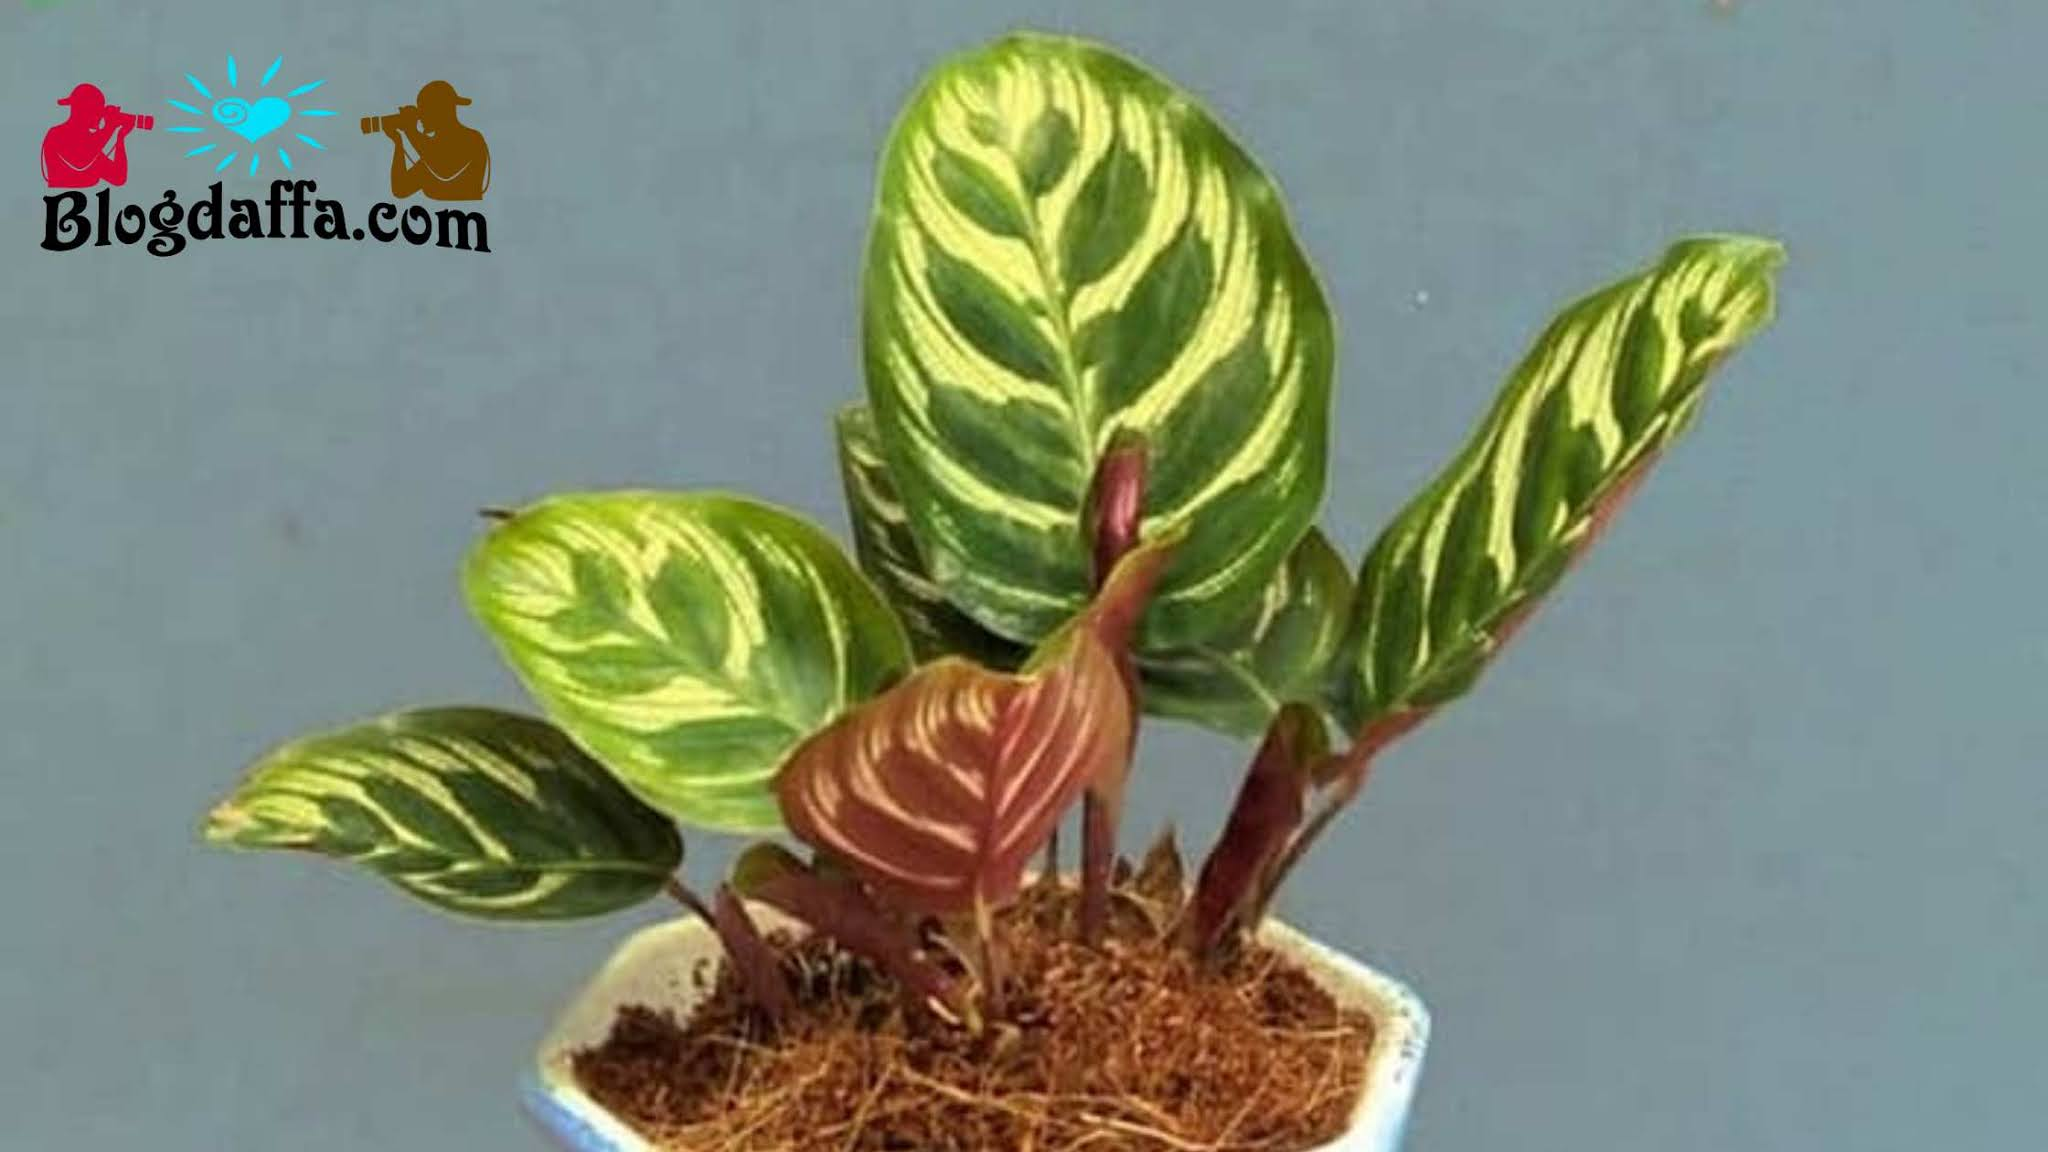 Jenis calathea makoyana